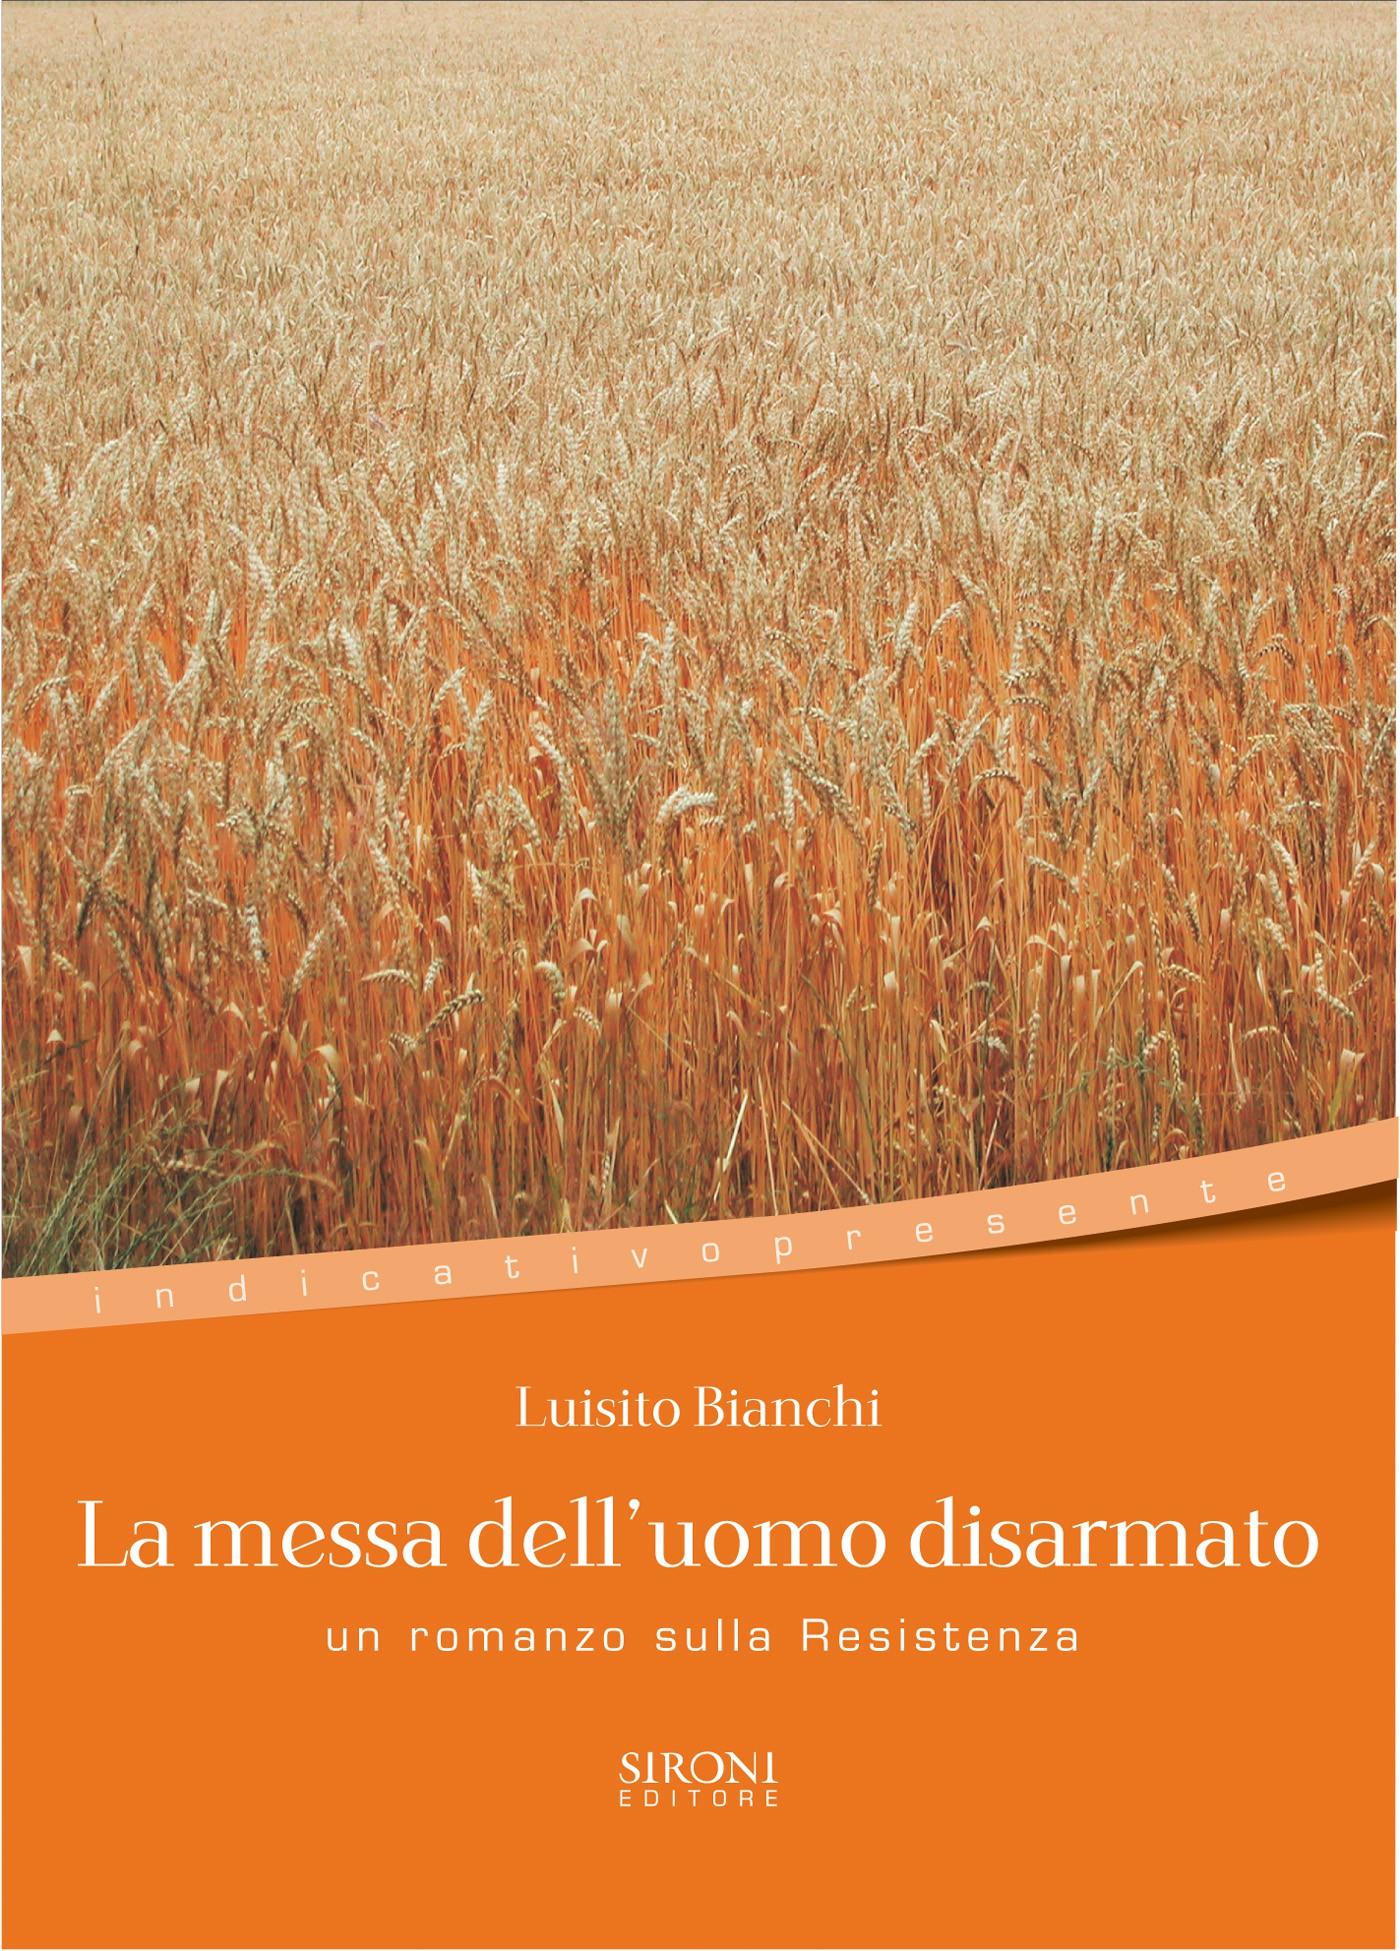 La Resistenza in un libro: «La messa dell'uomo disarmato» di Luisito Bianchi